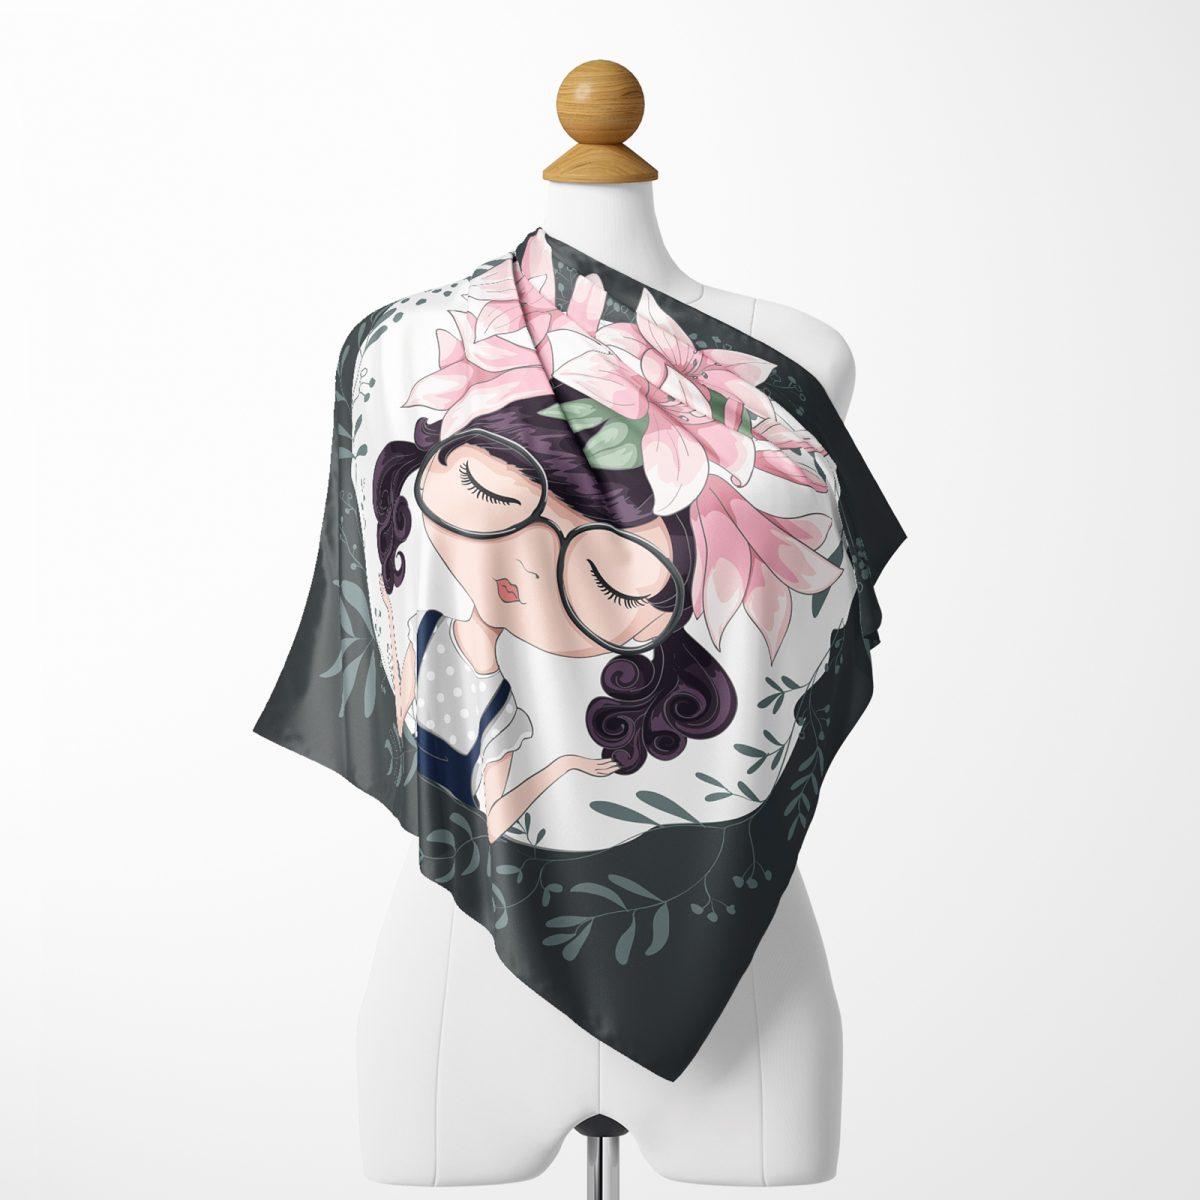 Pop Art Özel Tasarım Dijital Baskılı İpeksi Twill Eşarp Realhomes